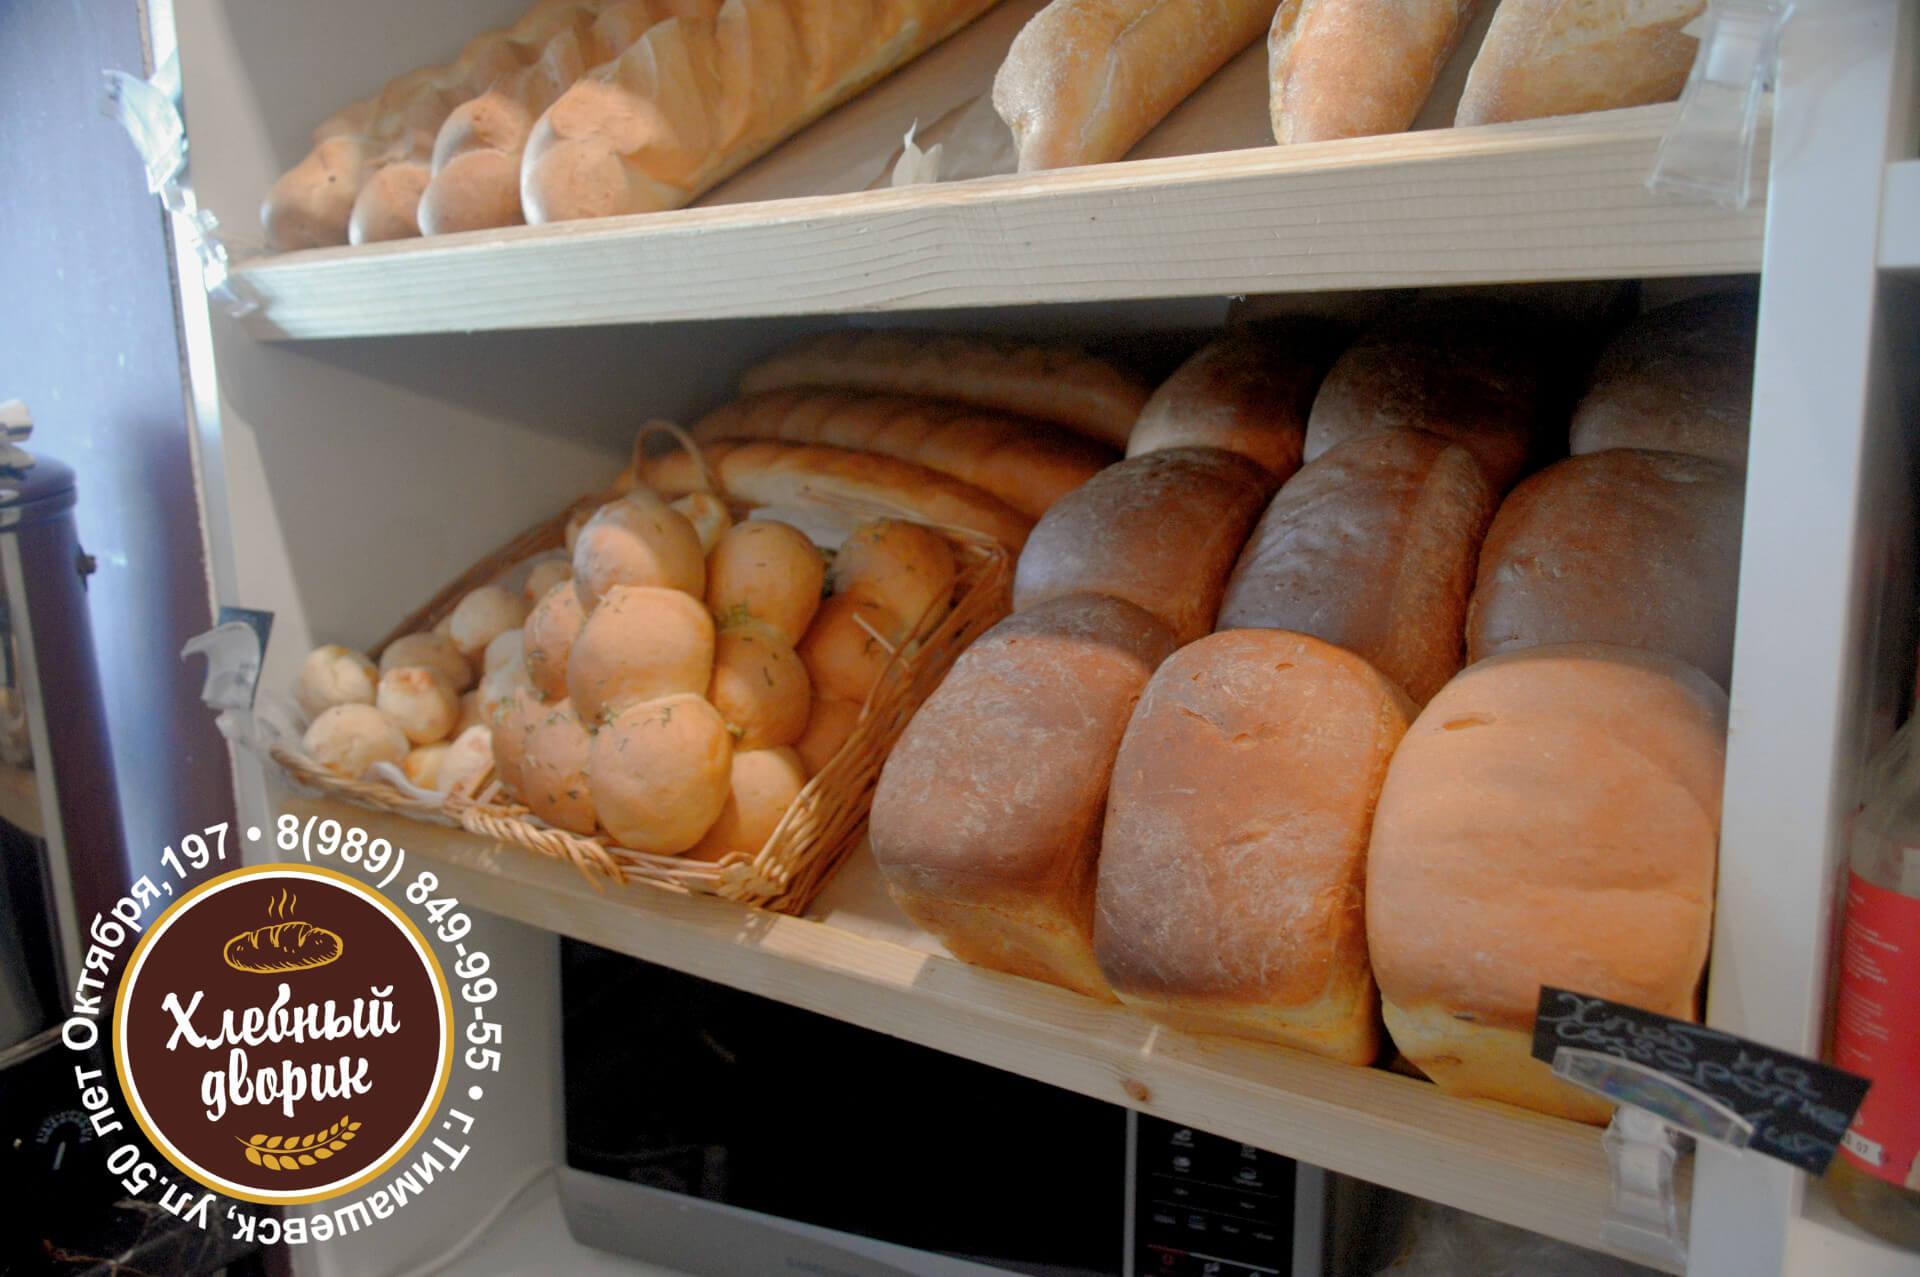 Свежие хлебо-булочные изделия в кондитерской Хлебный дворик в Тимашевске